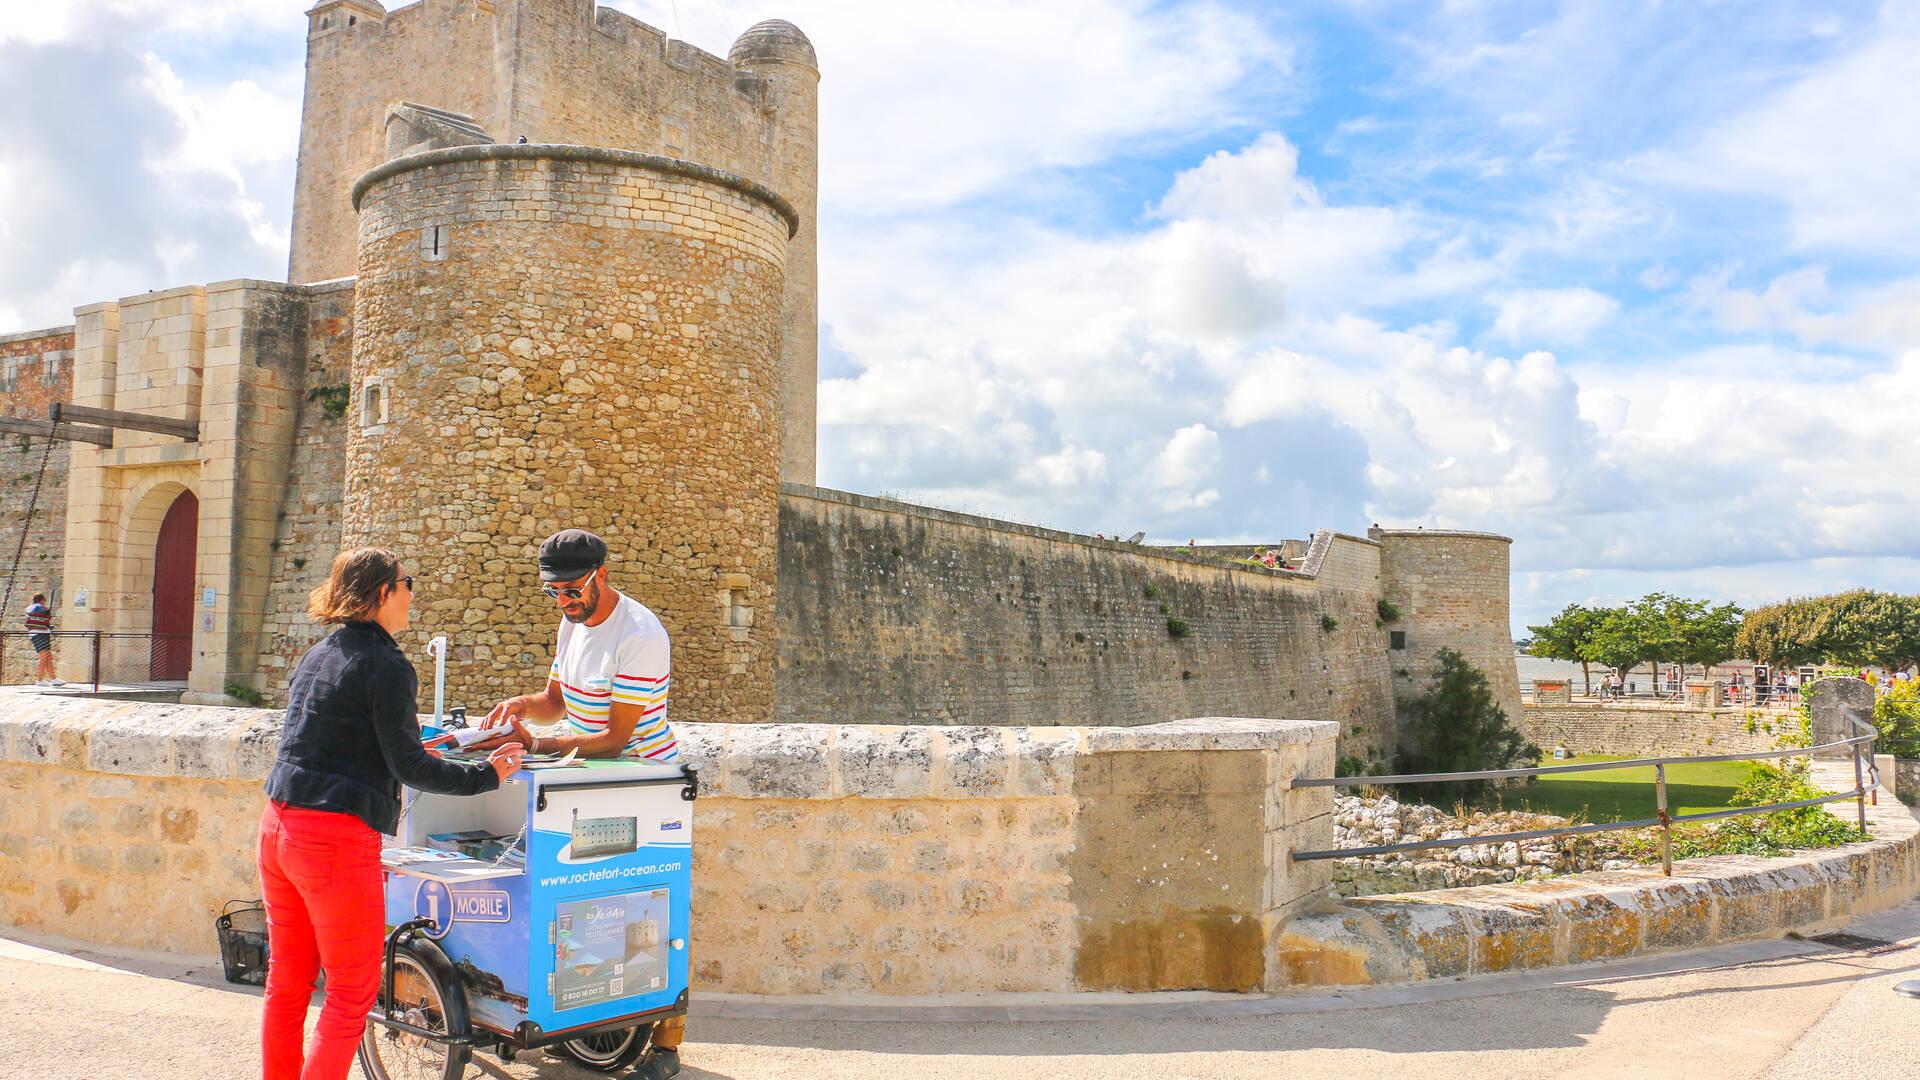 Notre Capt'ain Trotteur devant le fort Vauban à Fouras - © Office de tourisme Rochefort Océan